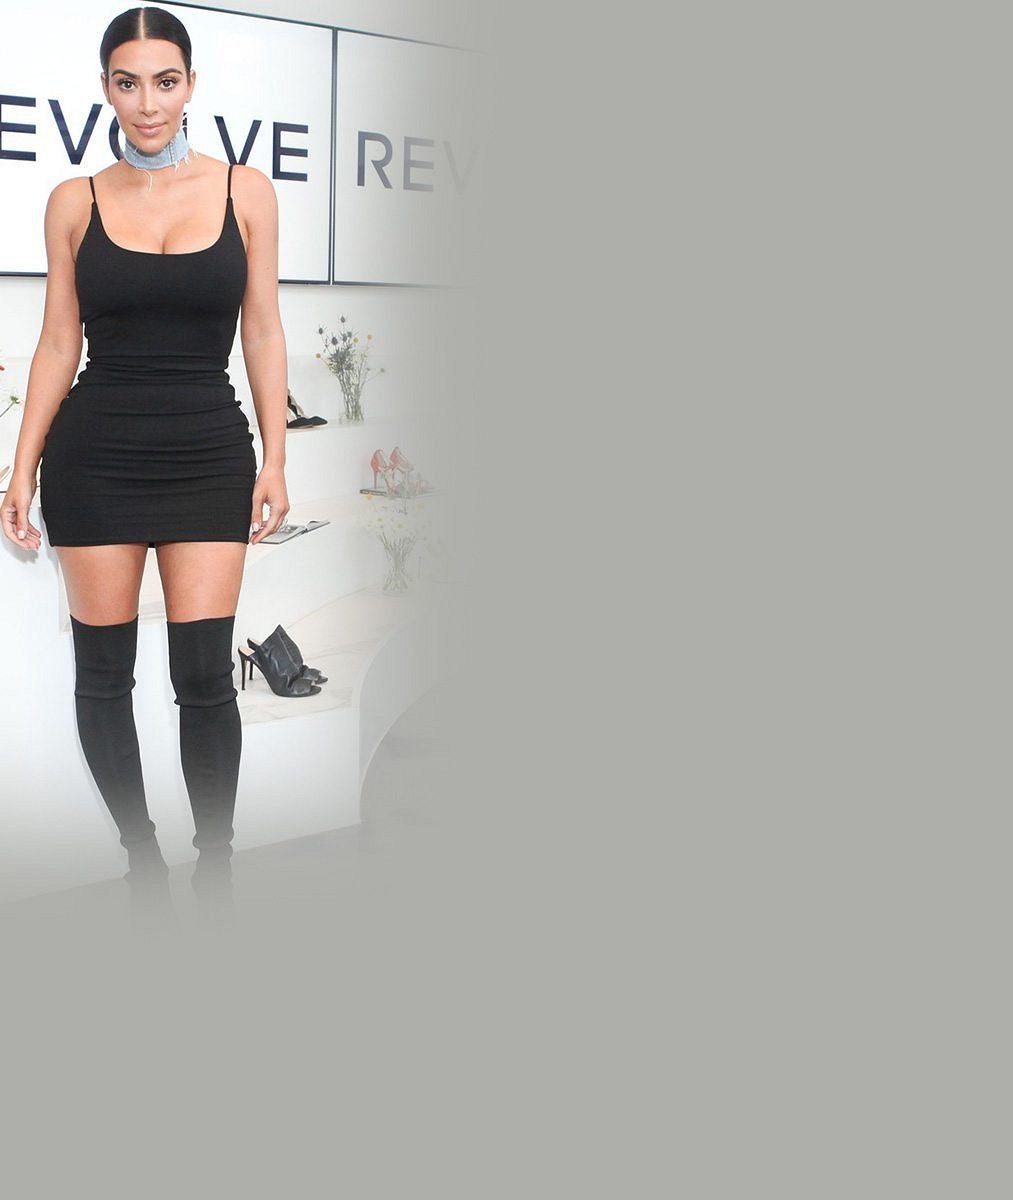 Kim Kardashian nemůže uvěřit, jak fantastické tělo má po druhém porodu. Prý vypadá jako z Photoshopu